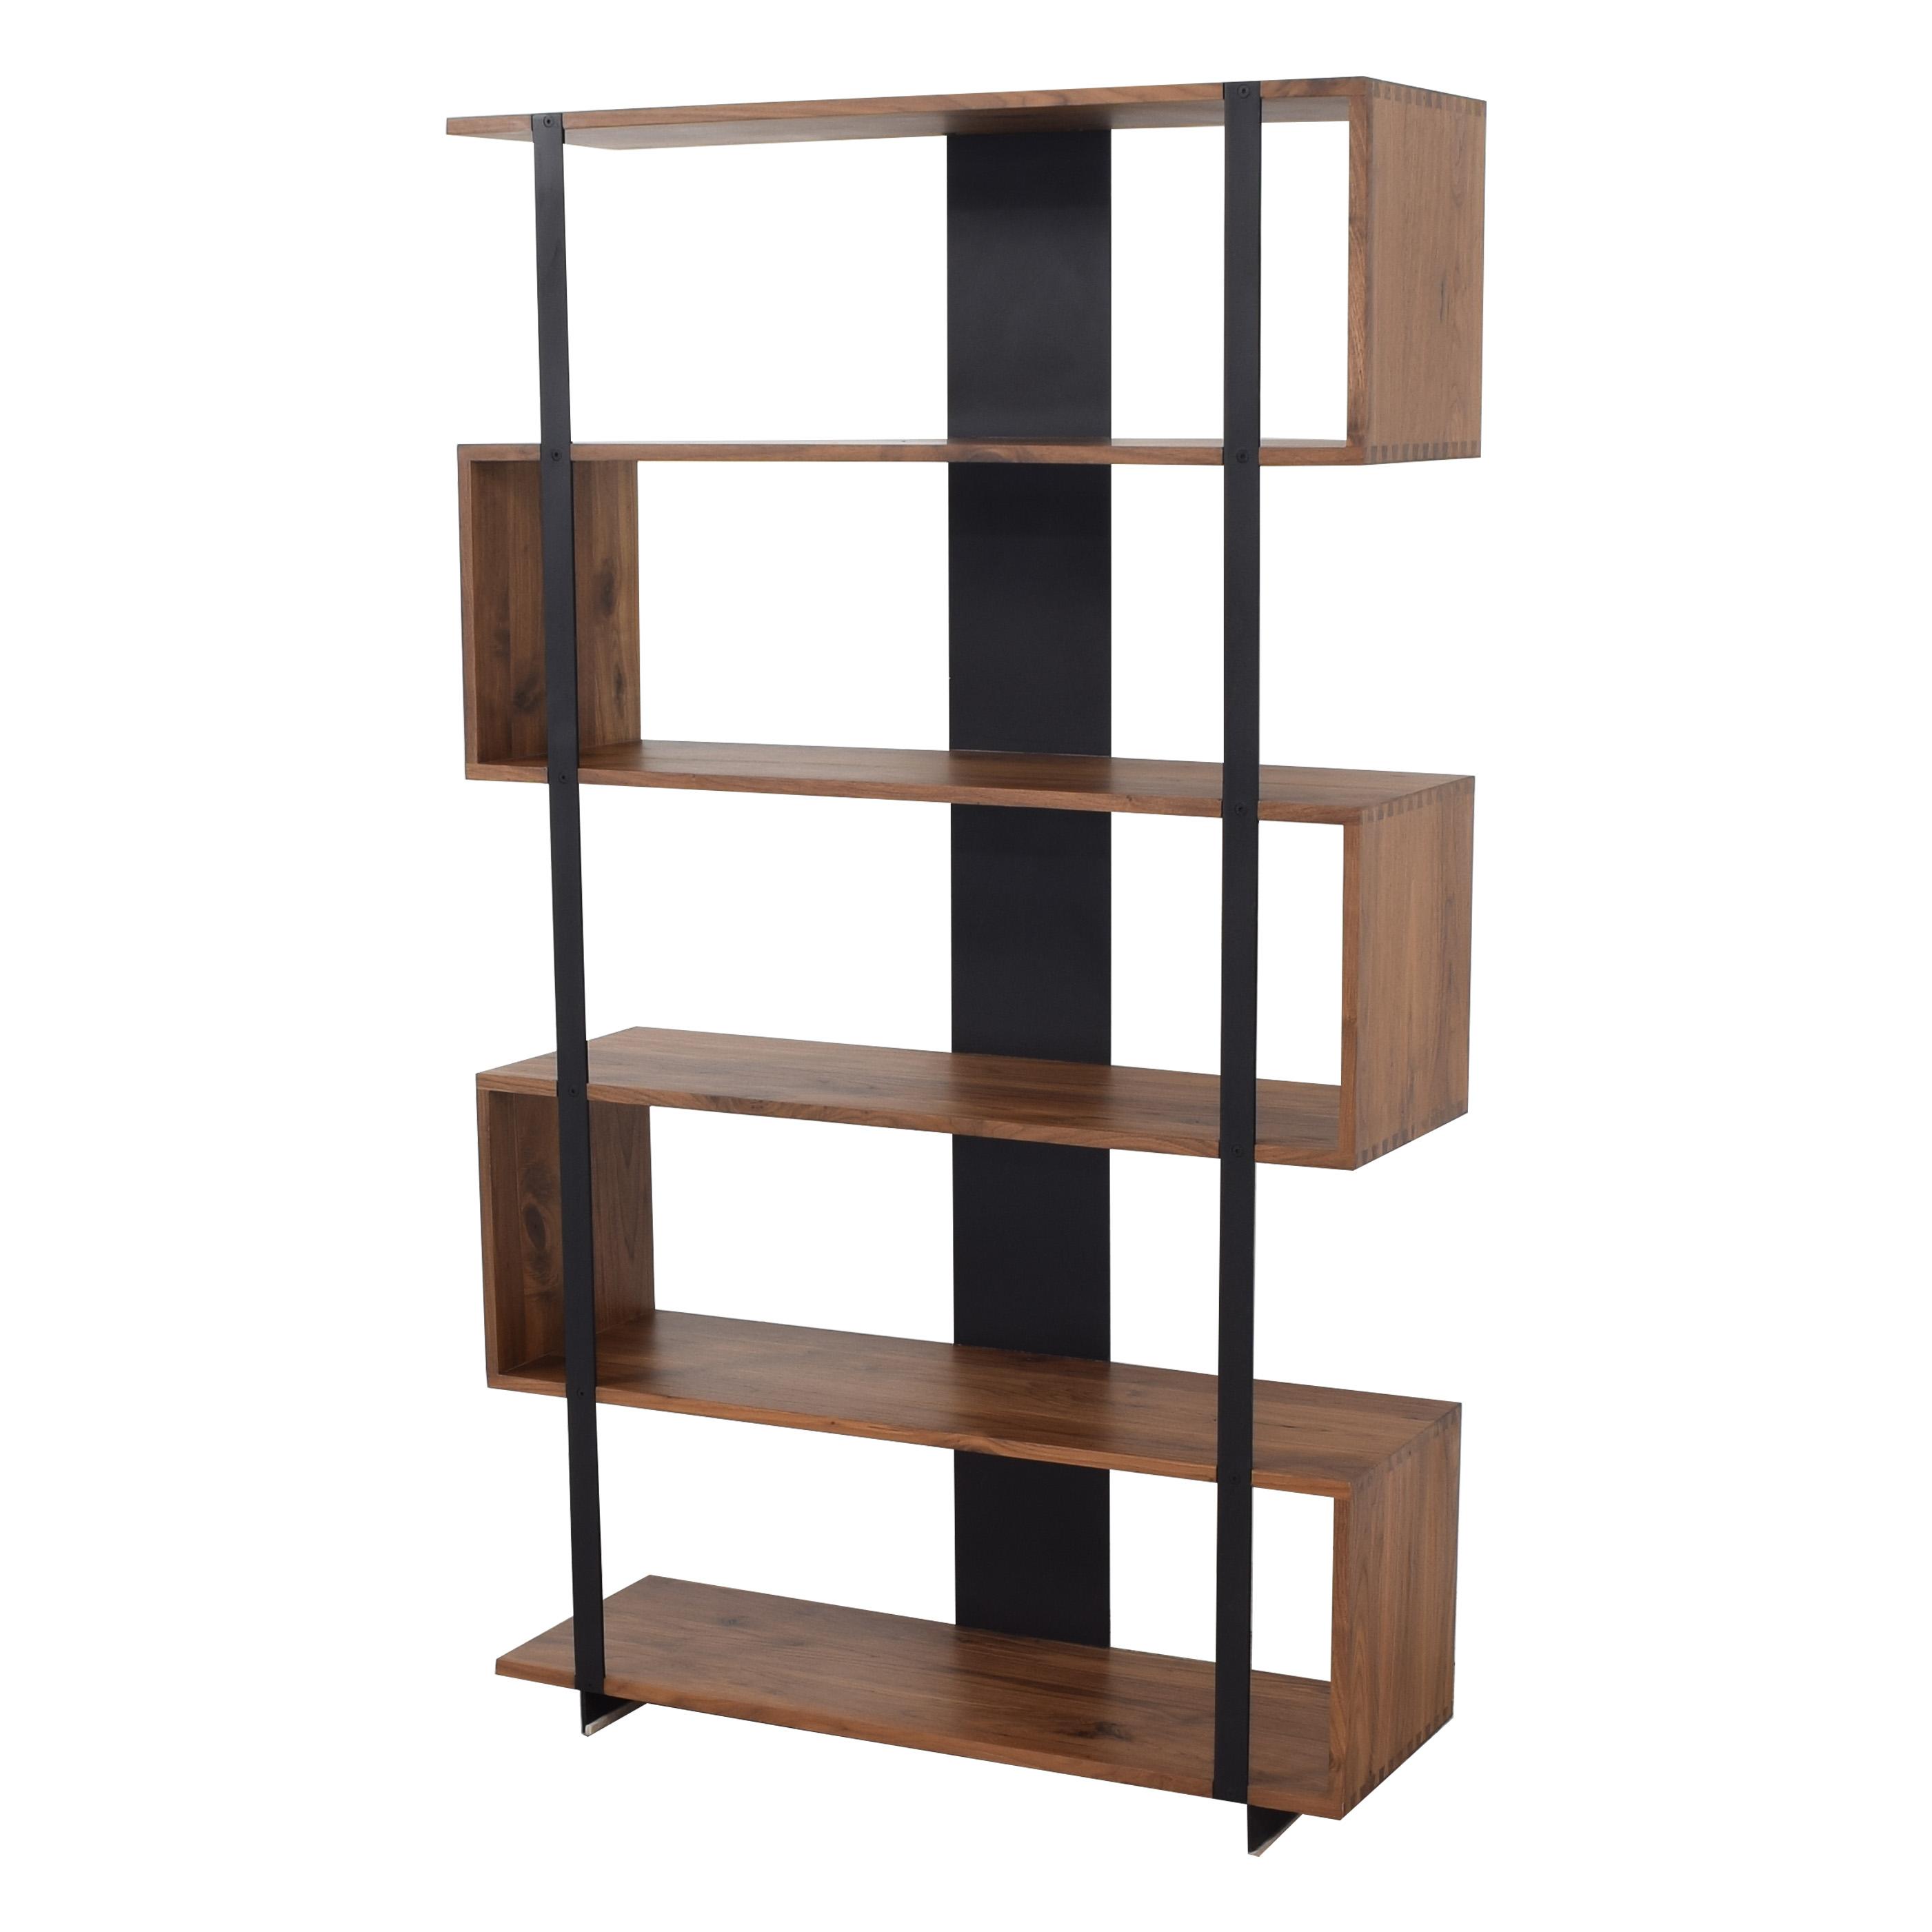 shop Crate & Barrel Austin Room Divider Crate & Barrel Bookcases & Shelving